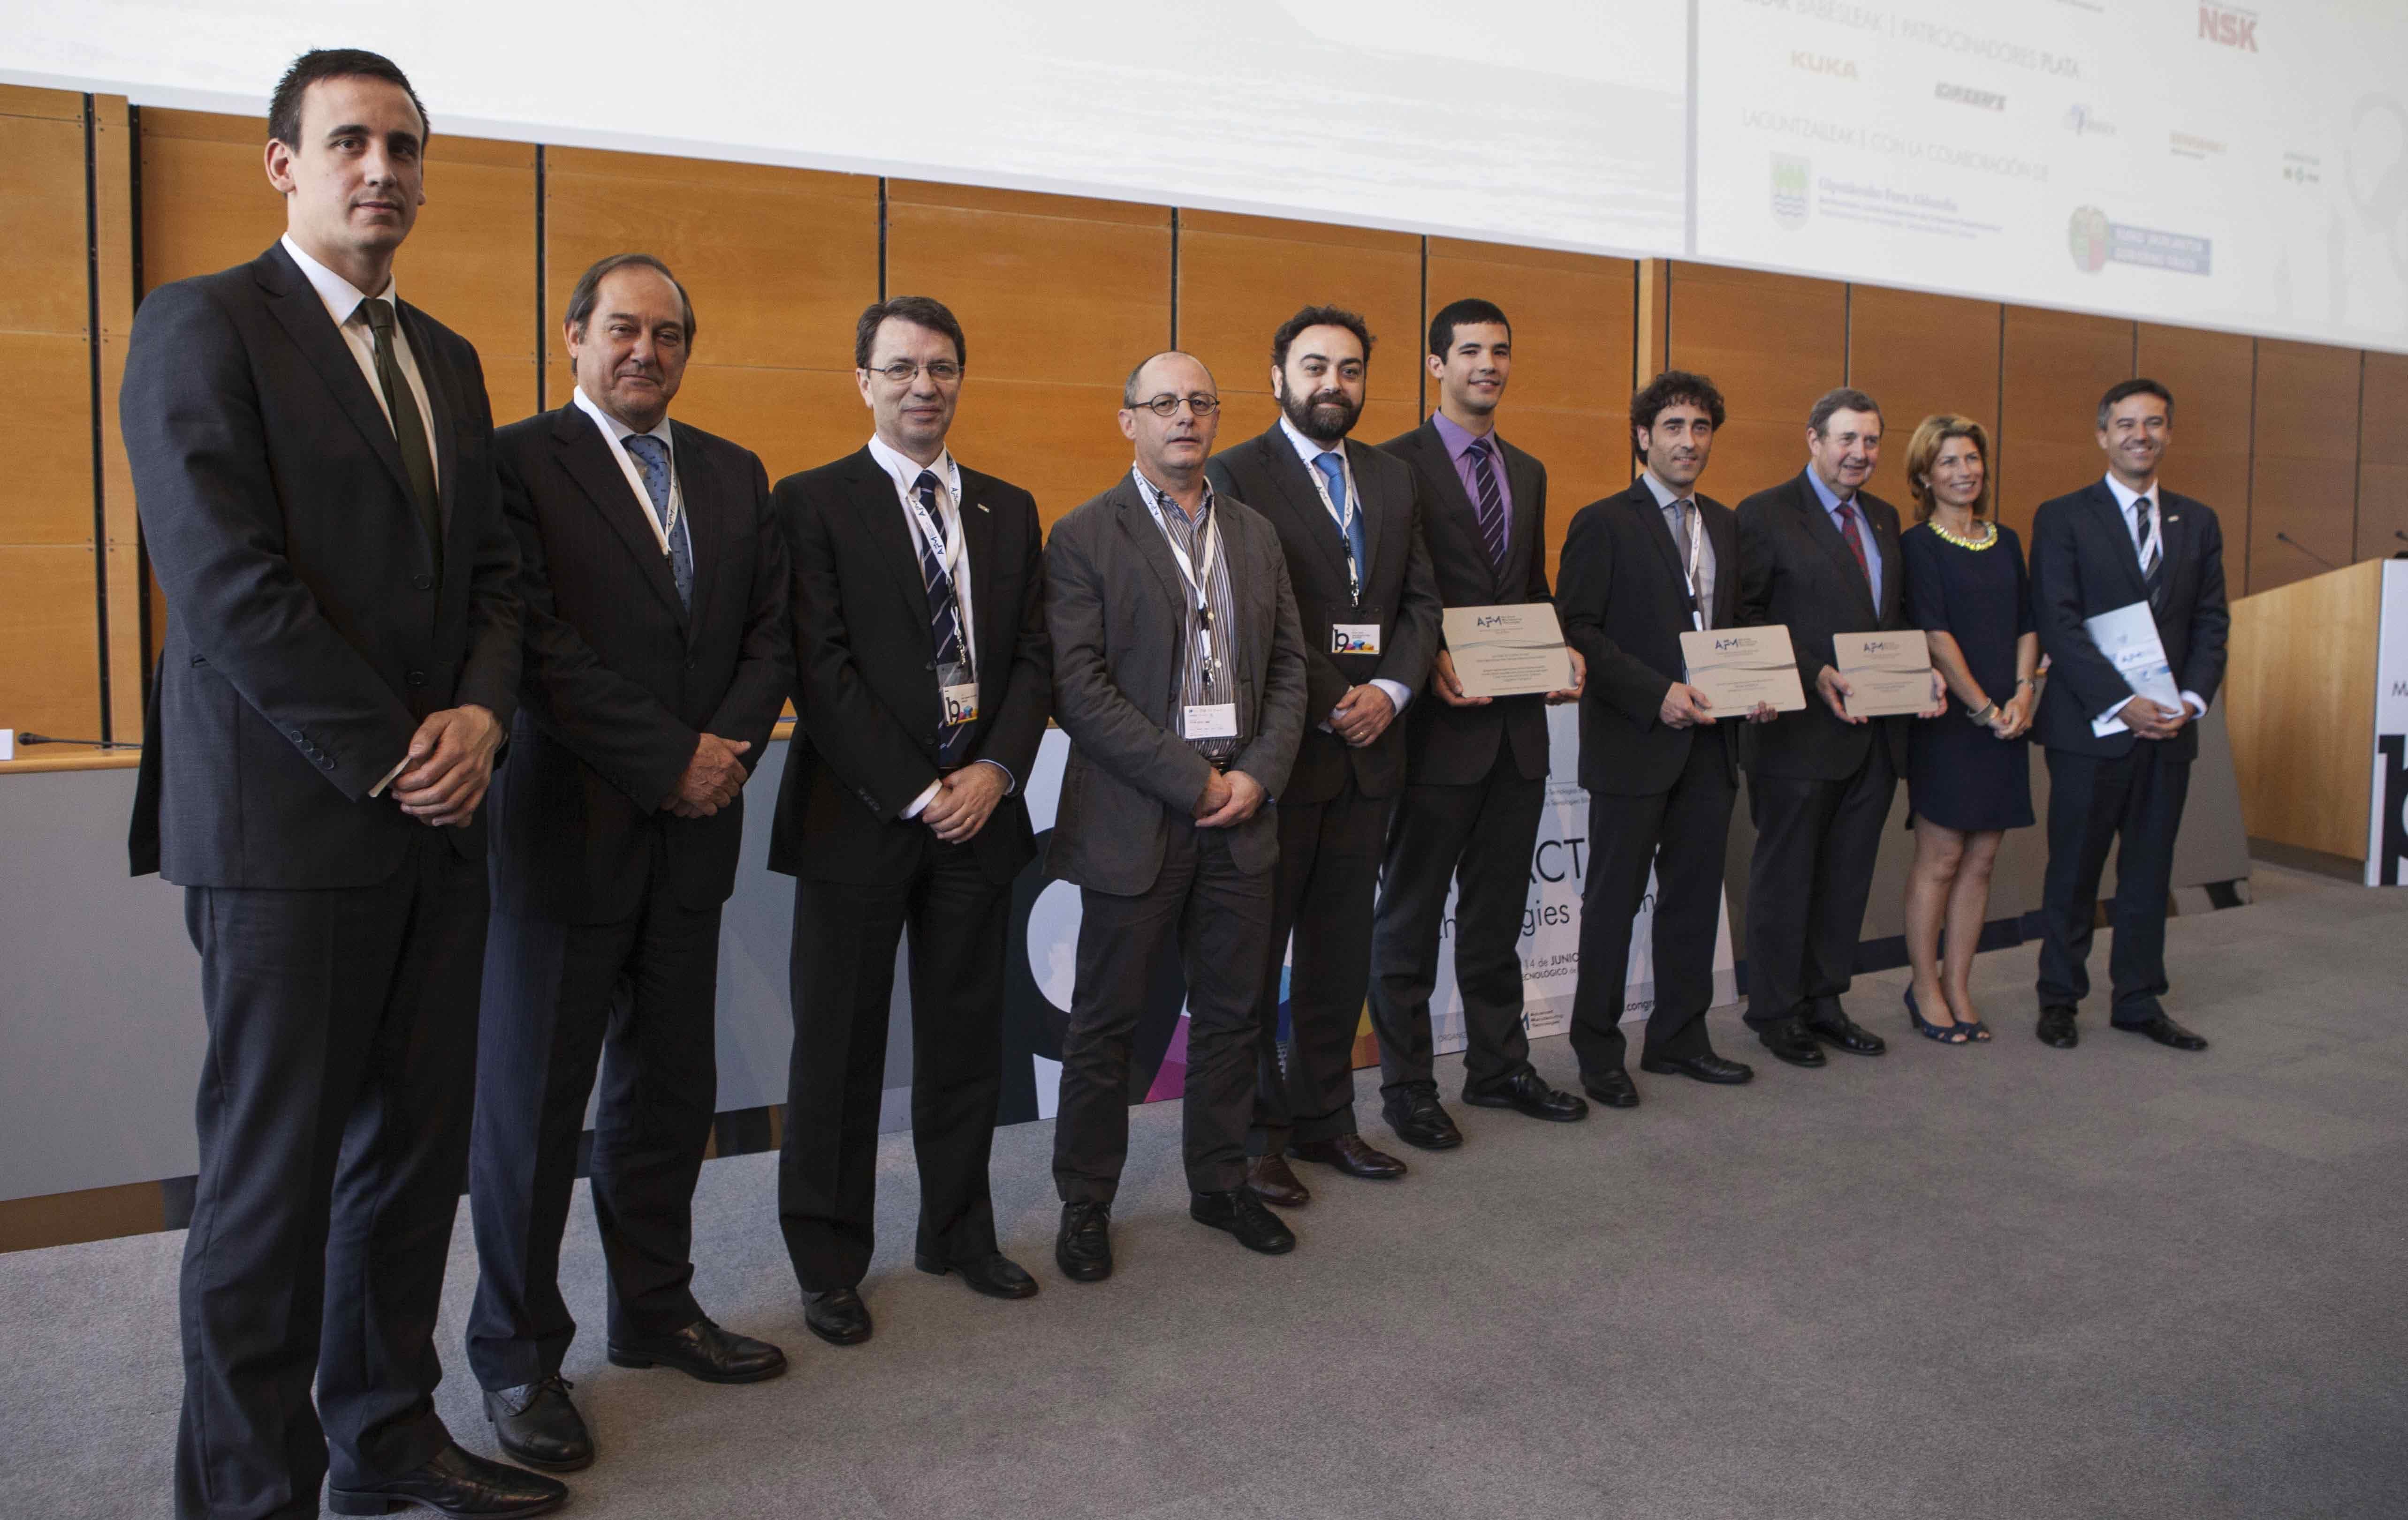 IK4-IDEKO galardonado con el premio de mejor ponencia cientifico-técnica en el XIX Congreso de M-H